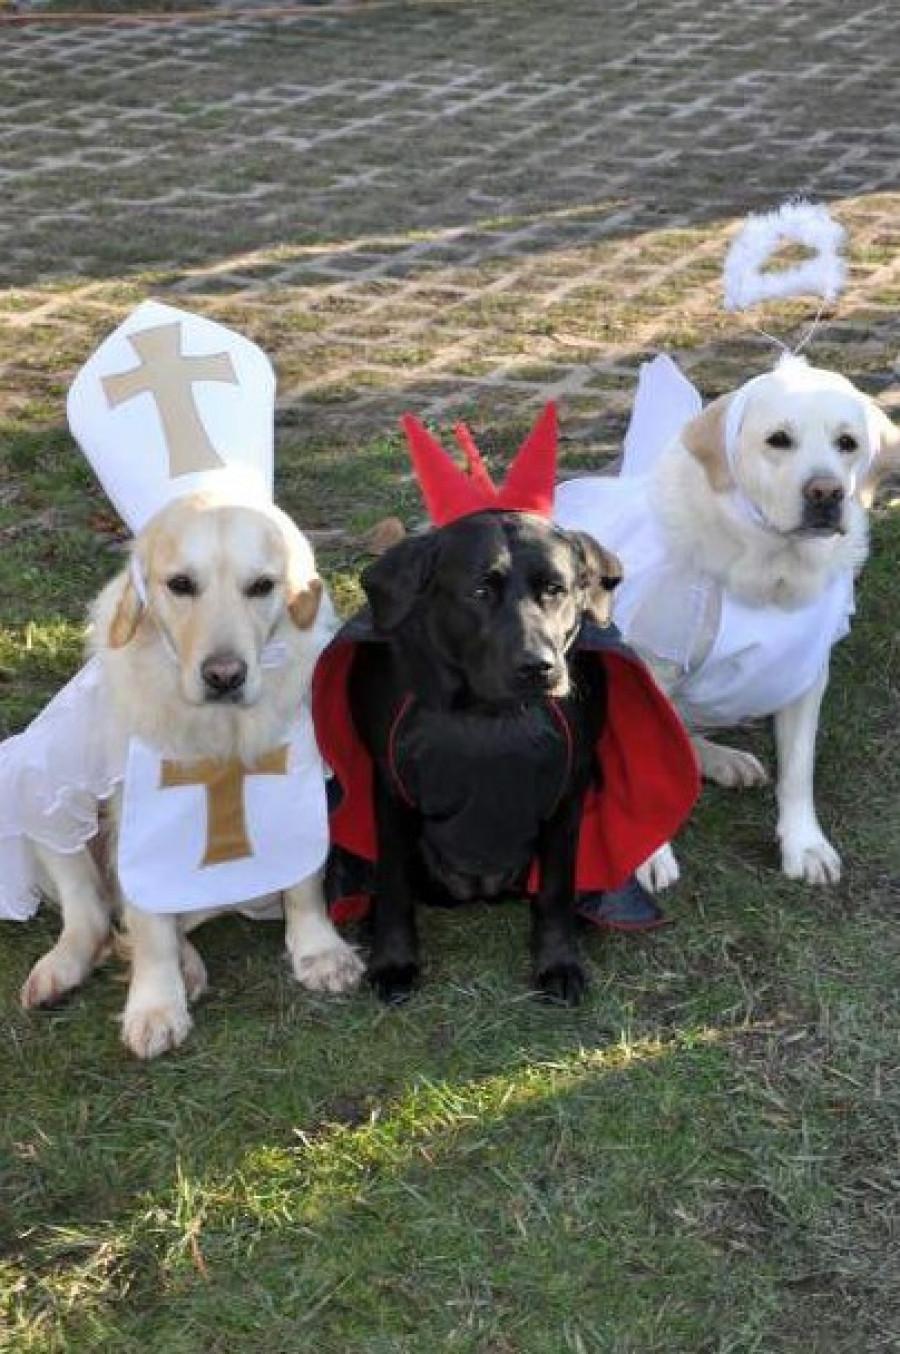 I my pejsci máme svého psího Mikuláše, čerta a andílka, haf!